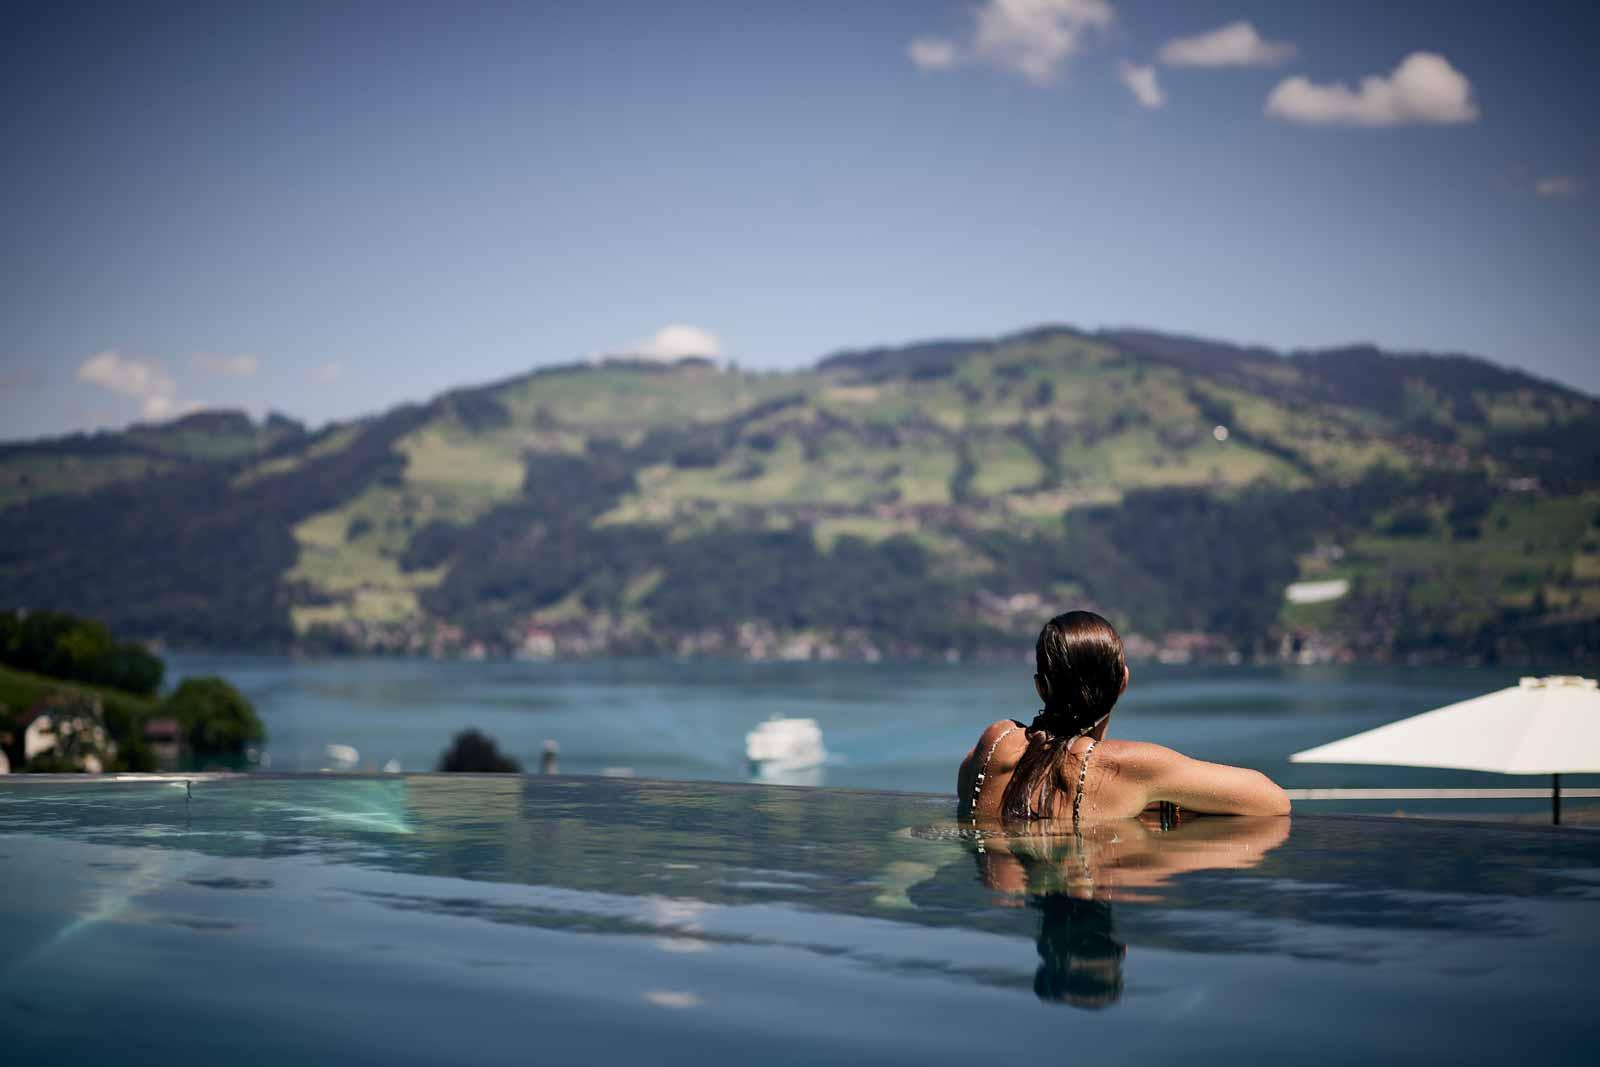 Frau in Infinity Pool mit Sicht auf den Thunersee